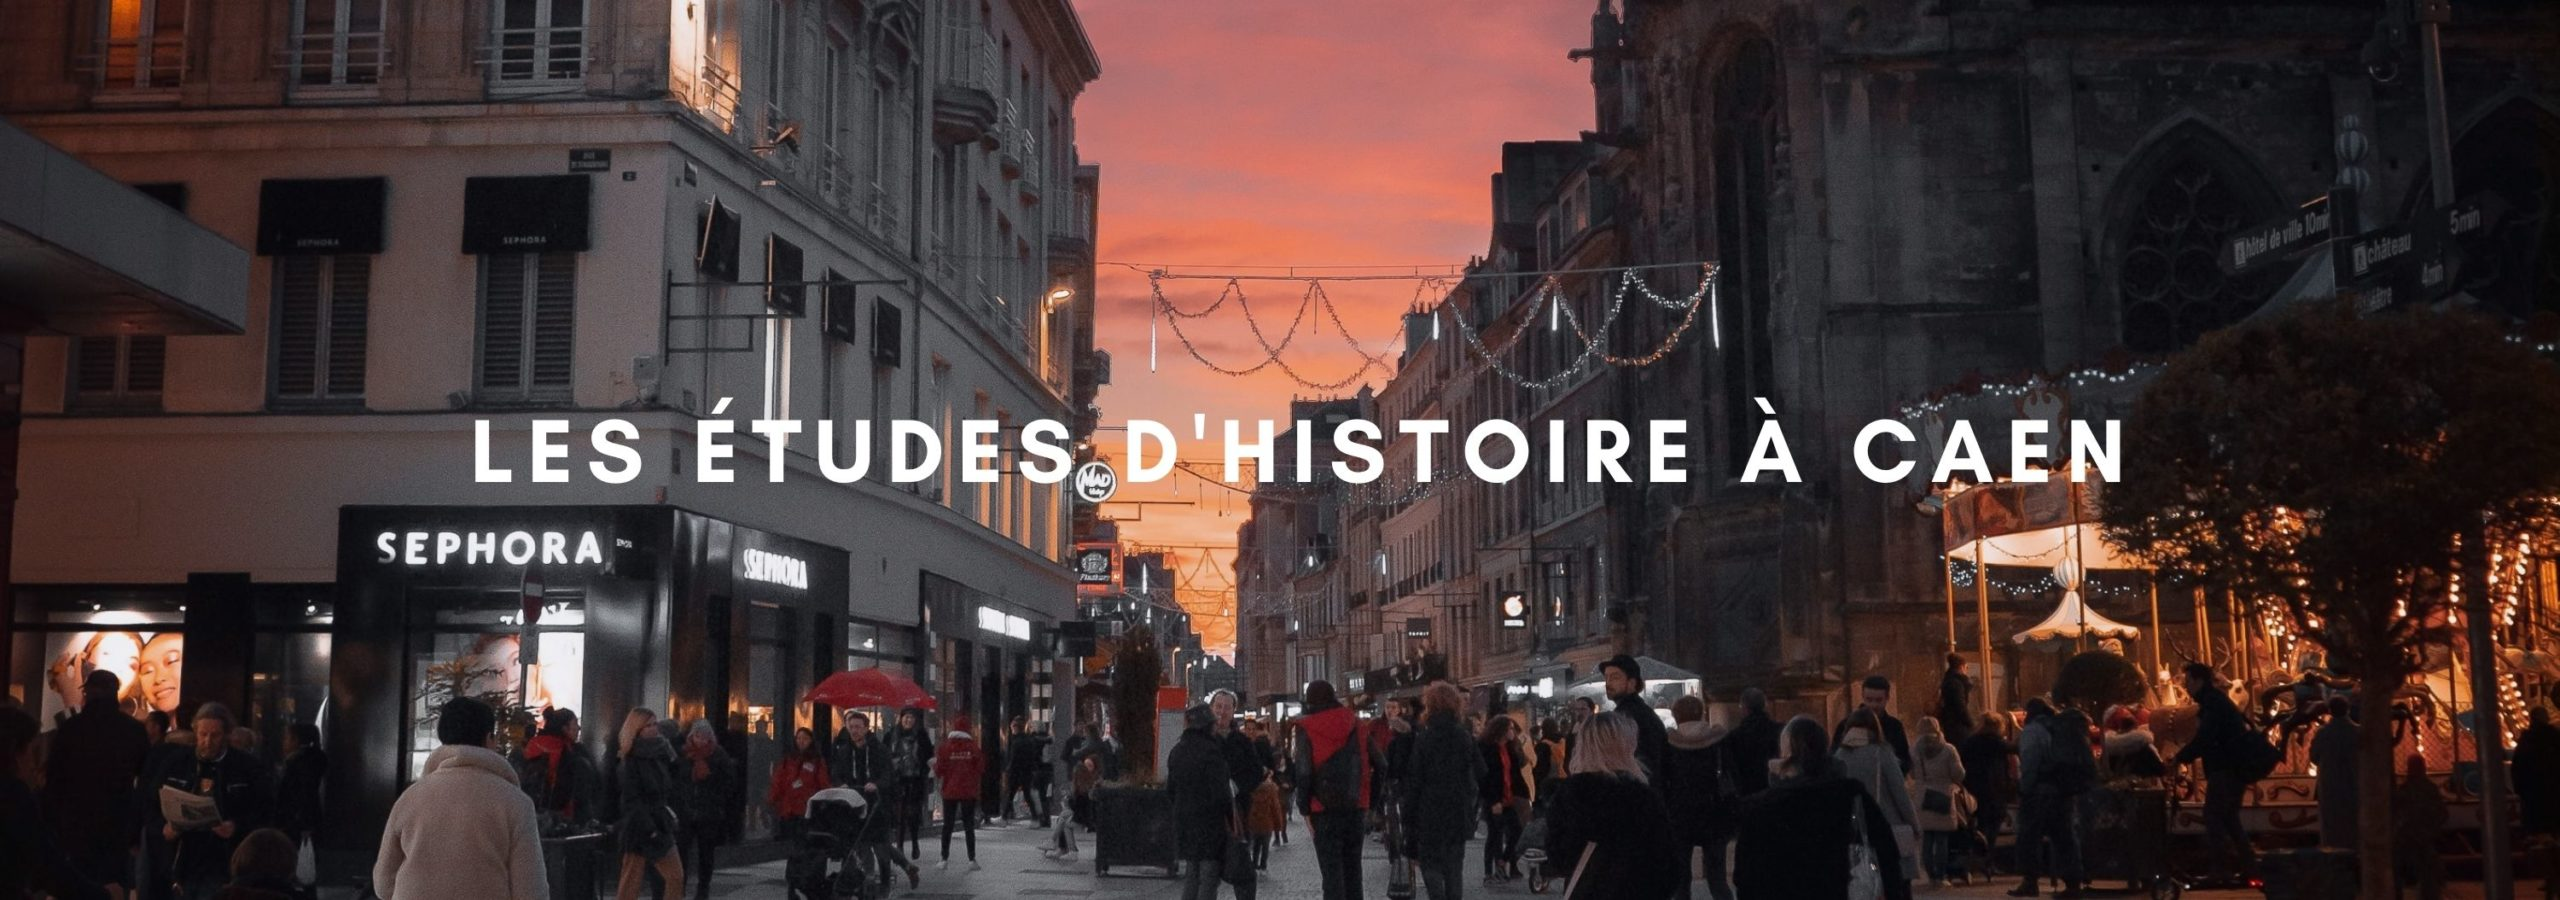 Les études d'Histoire à Caen